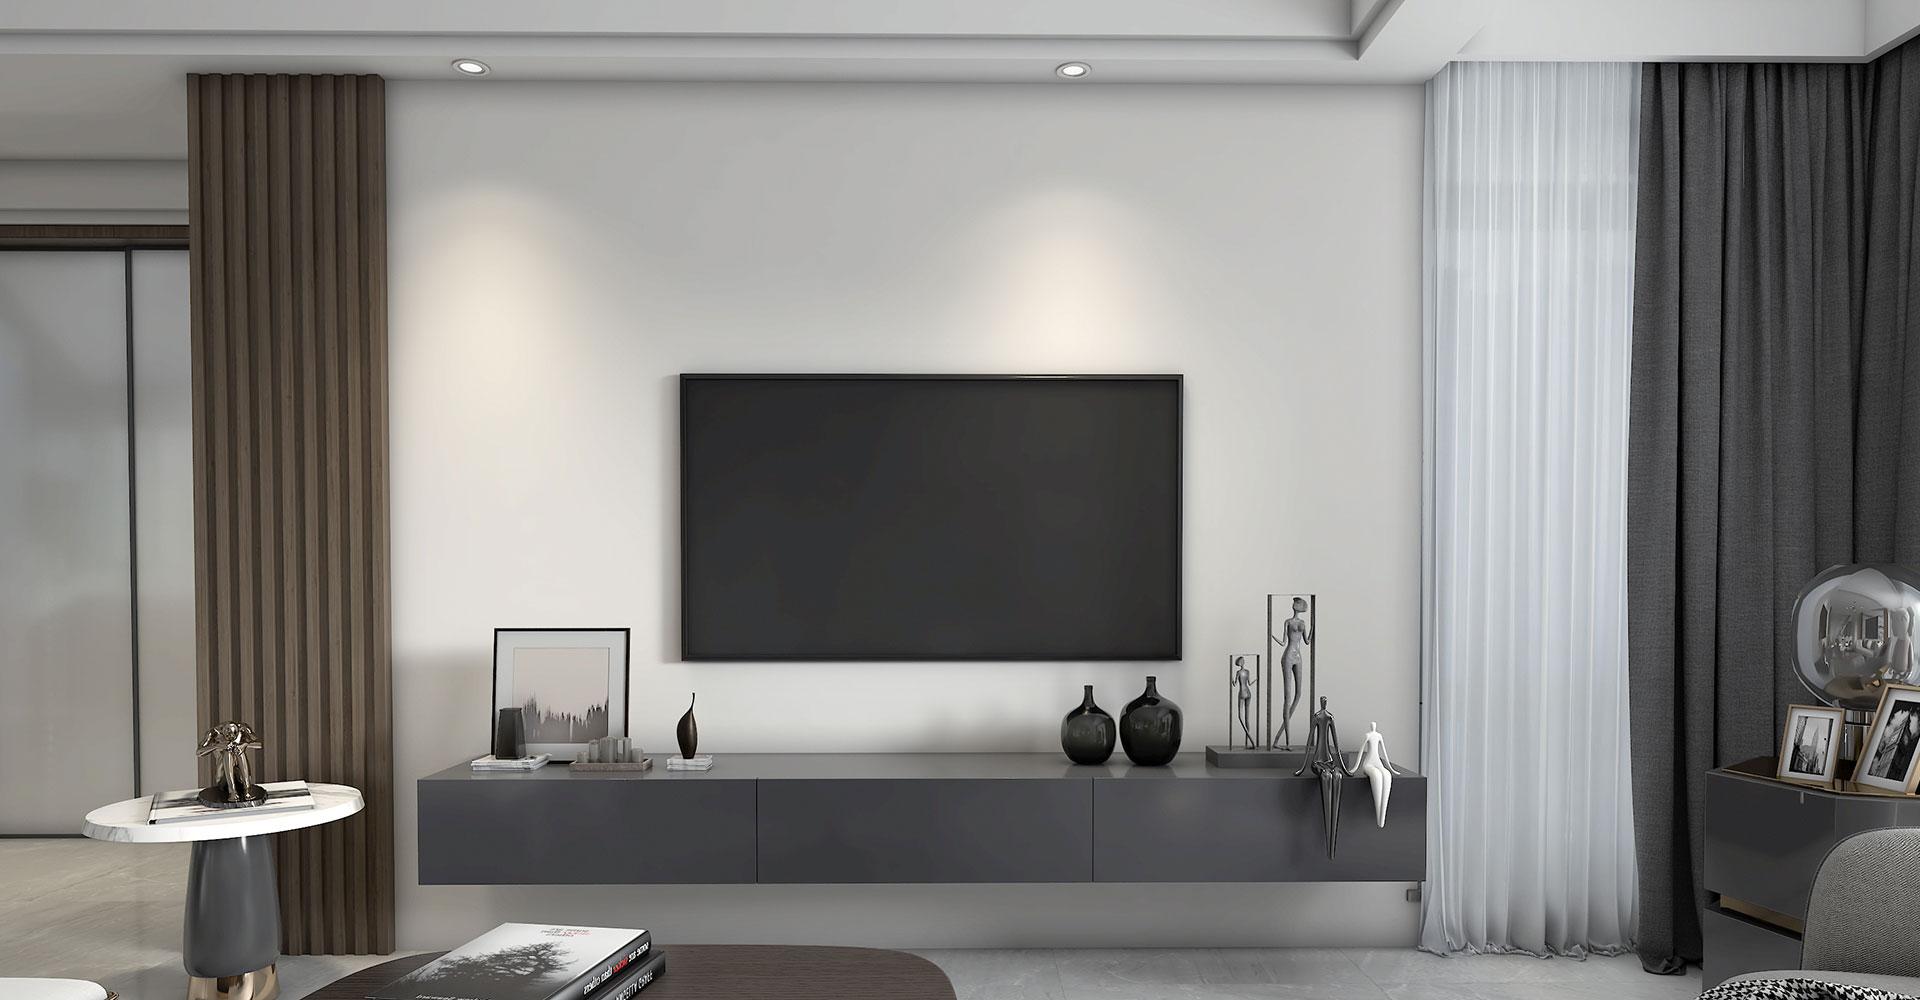 Sleek and minimal media unit